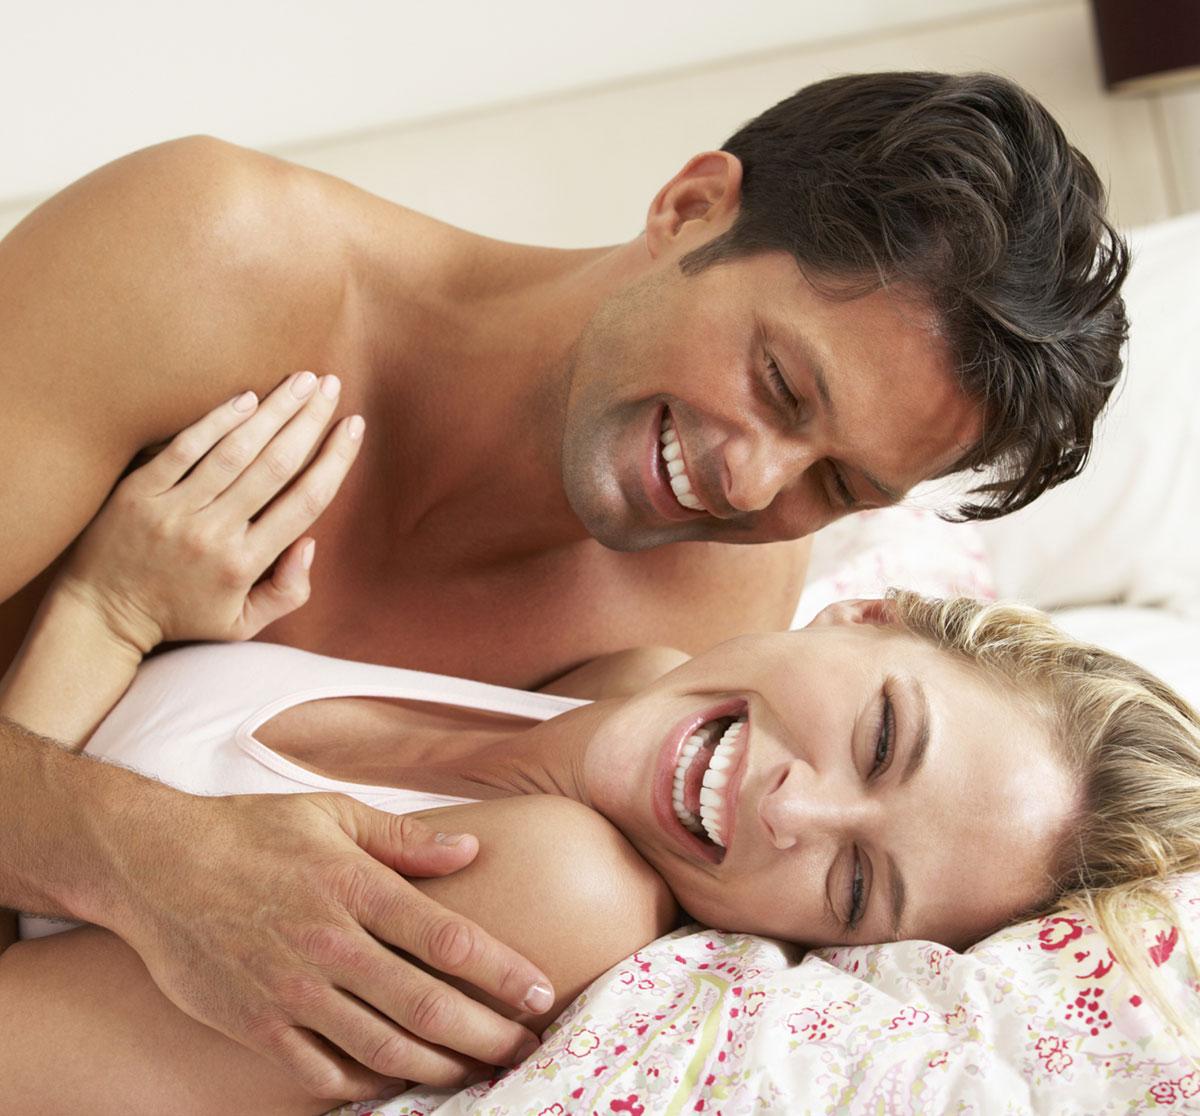 μασάζ με ένα ευτυχισμένο τέλος πορνό